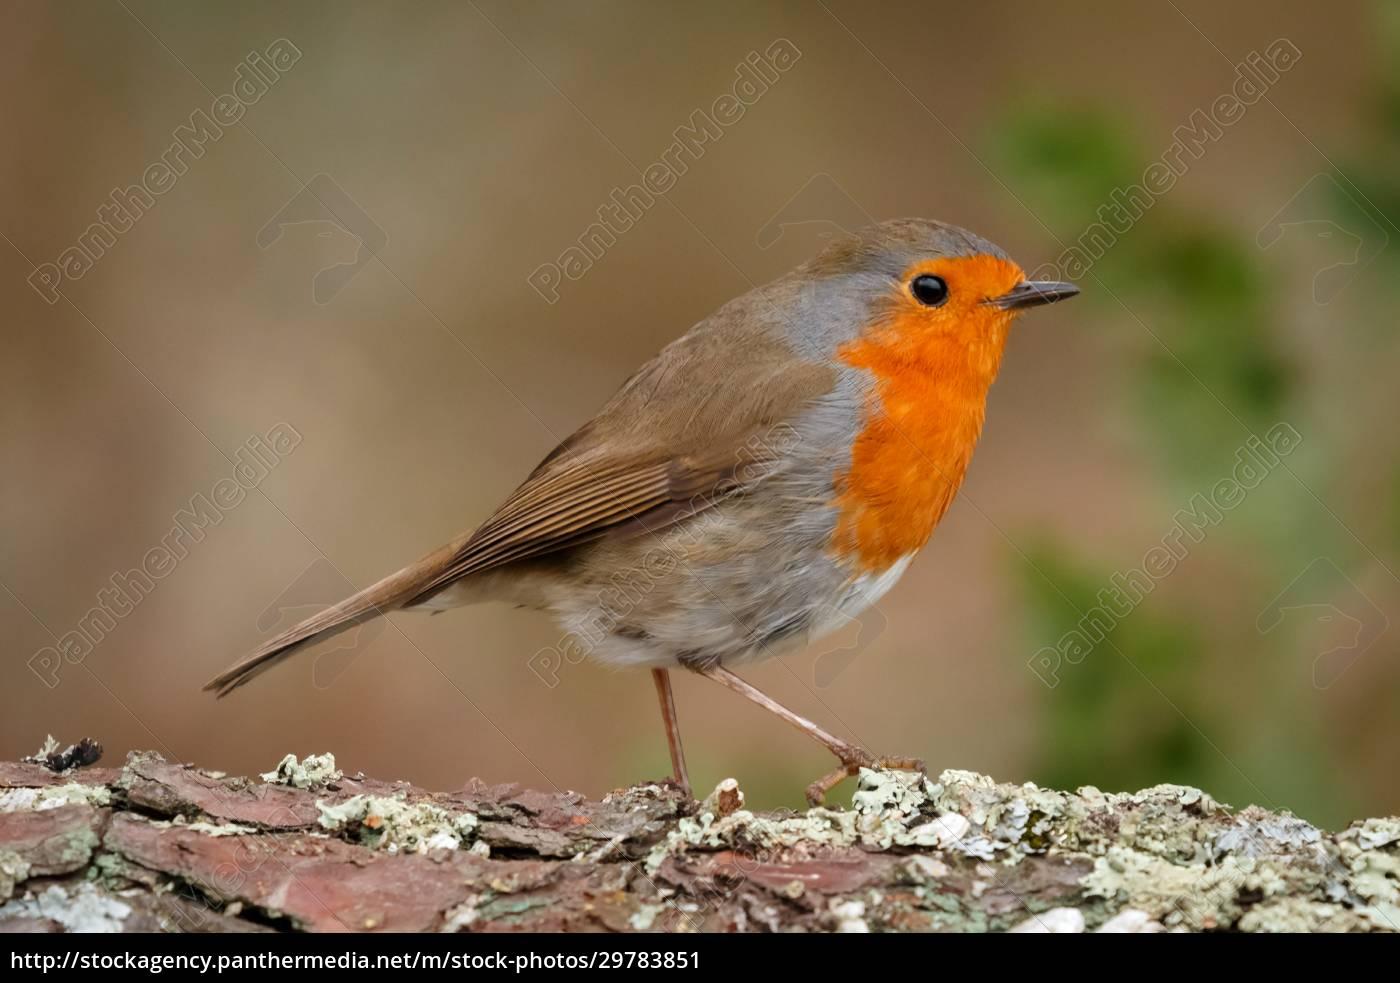 pretty, bird, with, a, nice, orange - 29783851